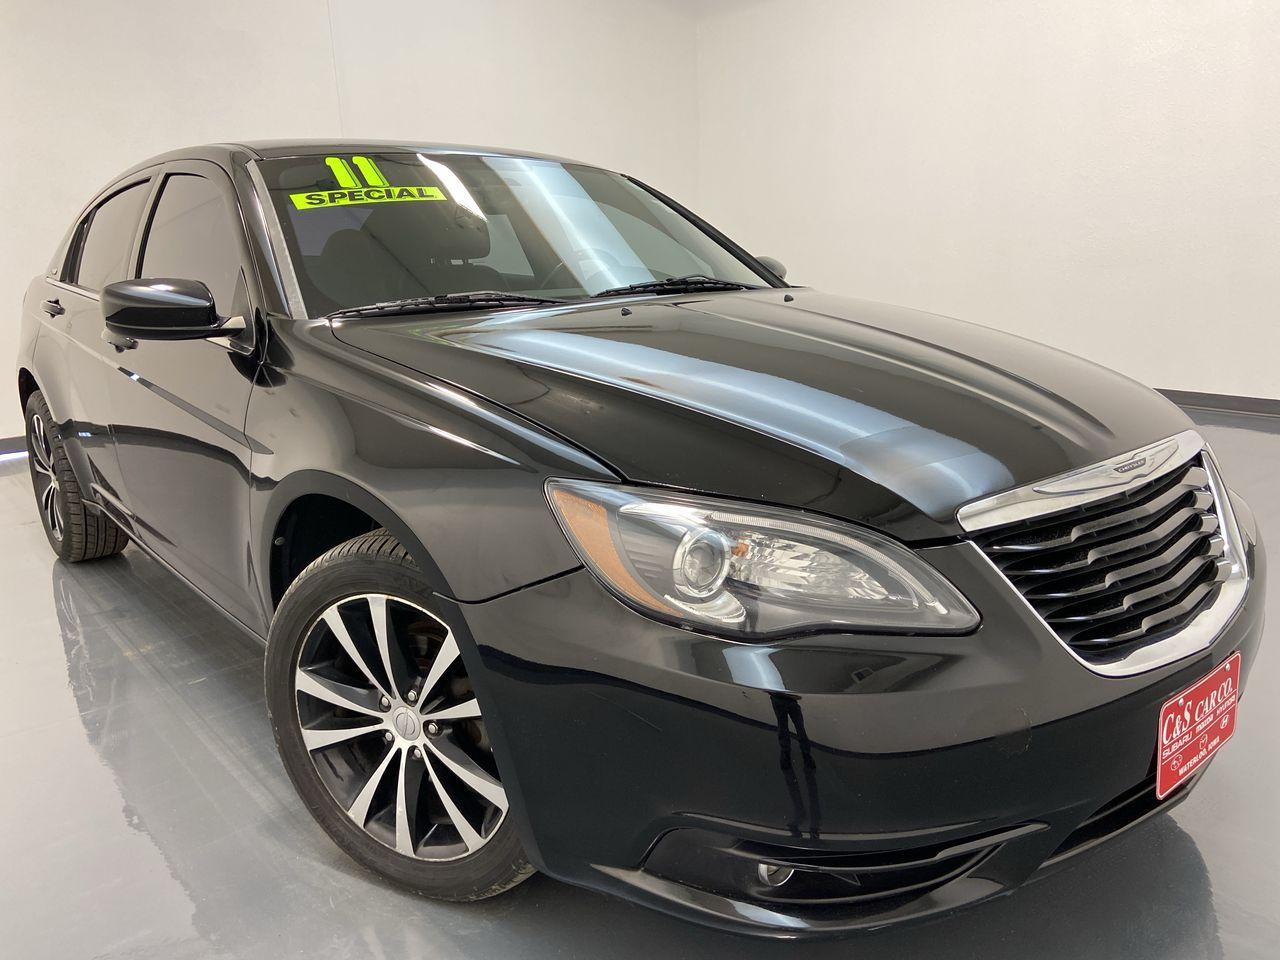 2011 Chrysler 200 4D Sedan  - SB8539B  - C & S Car Company